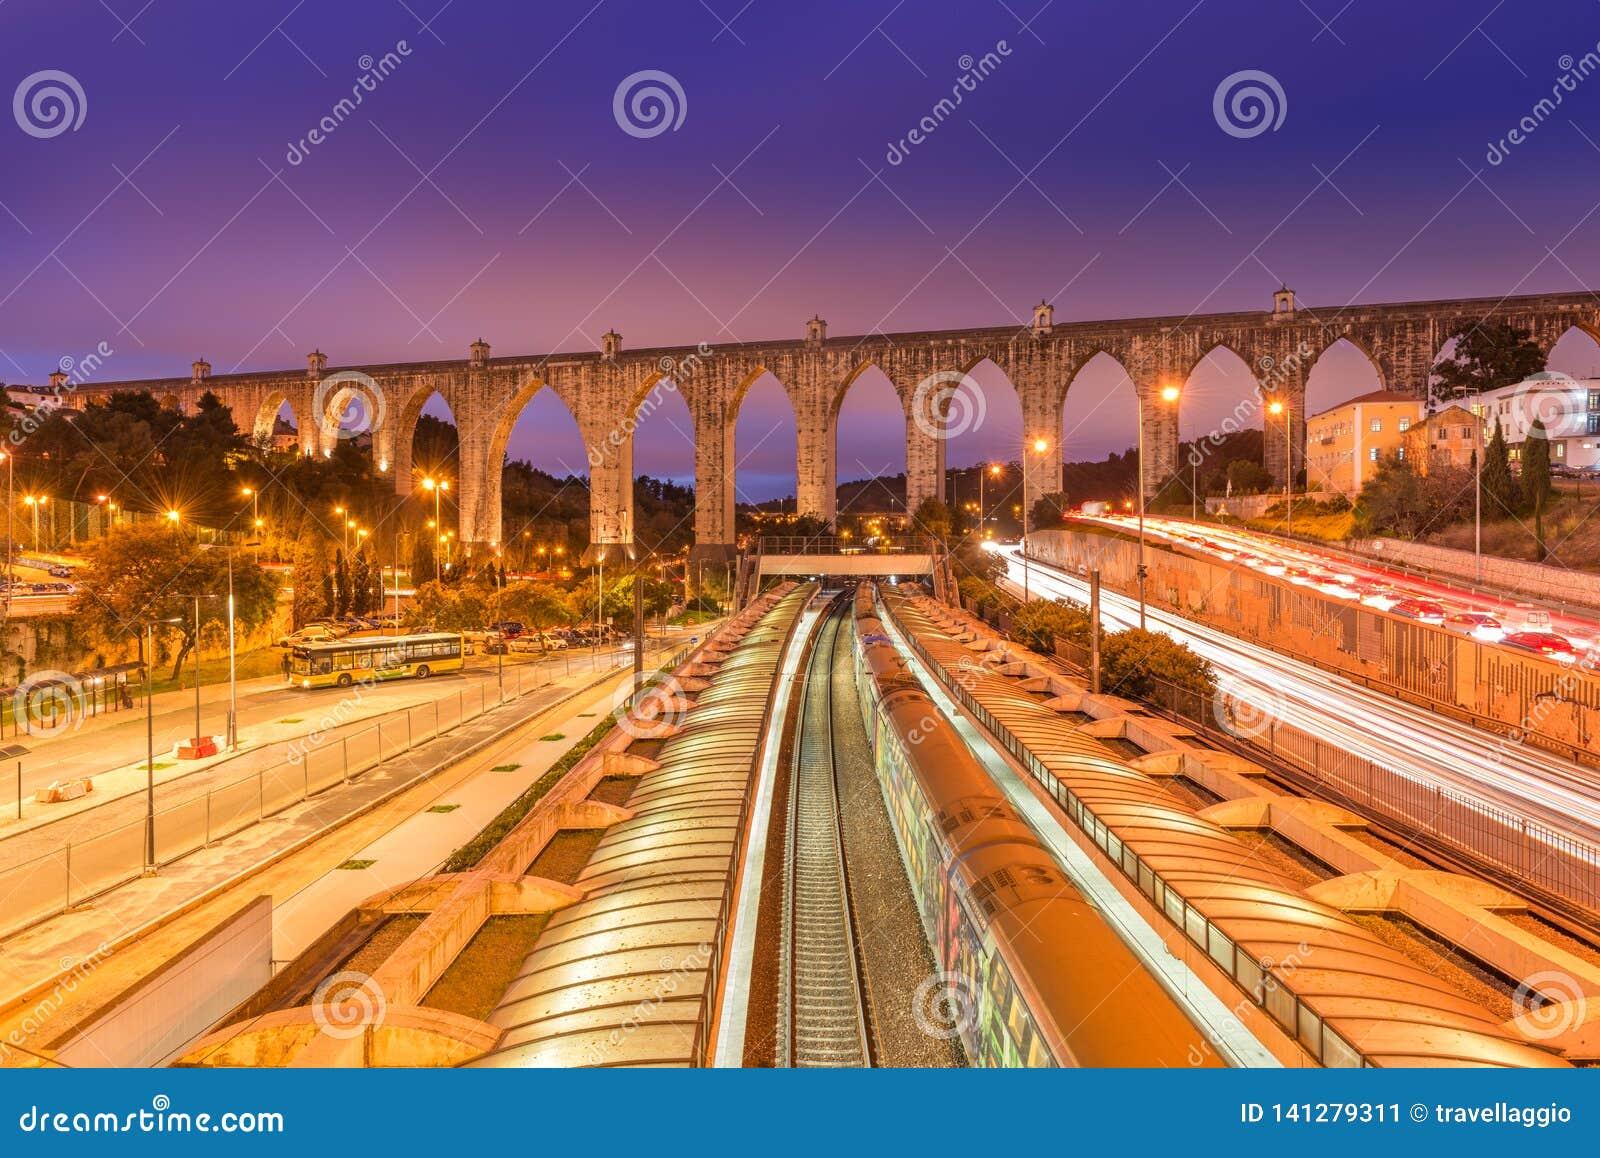 阿瓜里弗渡槽和Campolide的看法火车站,里斯本,葡萄牙